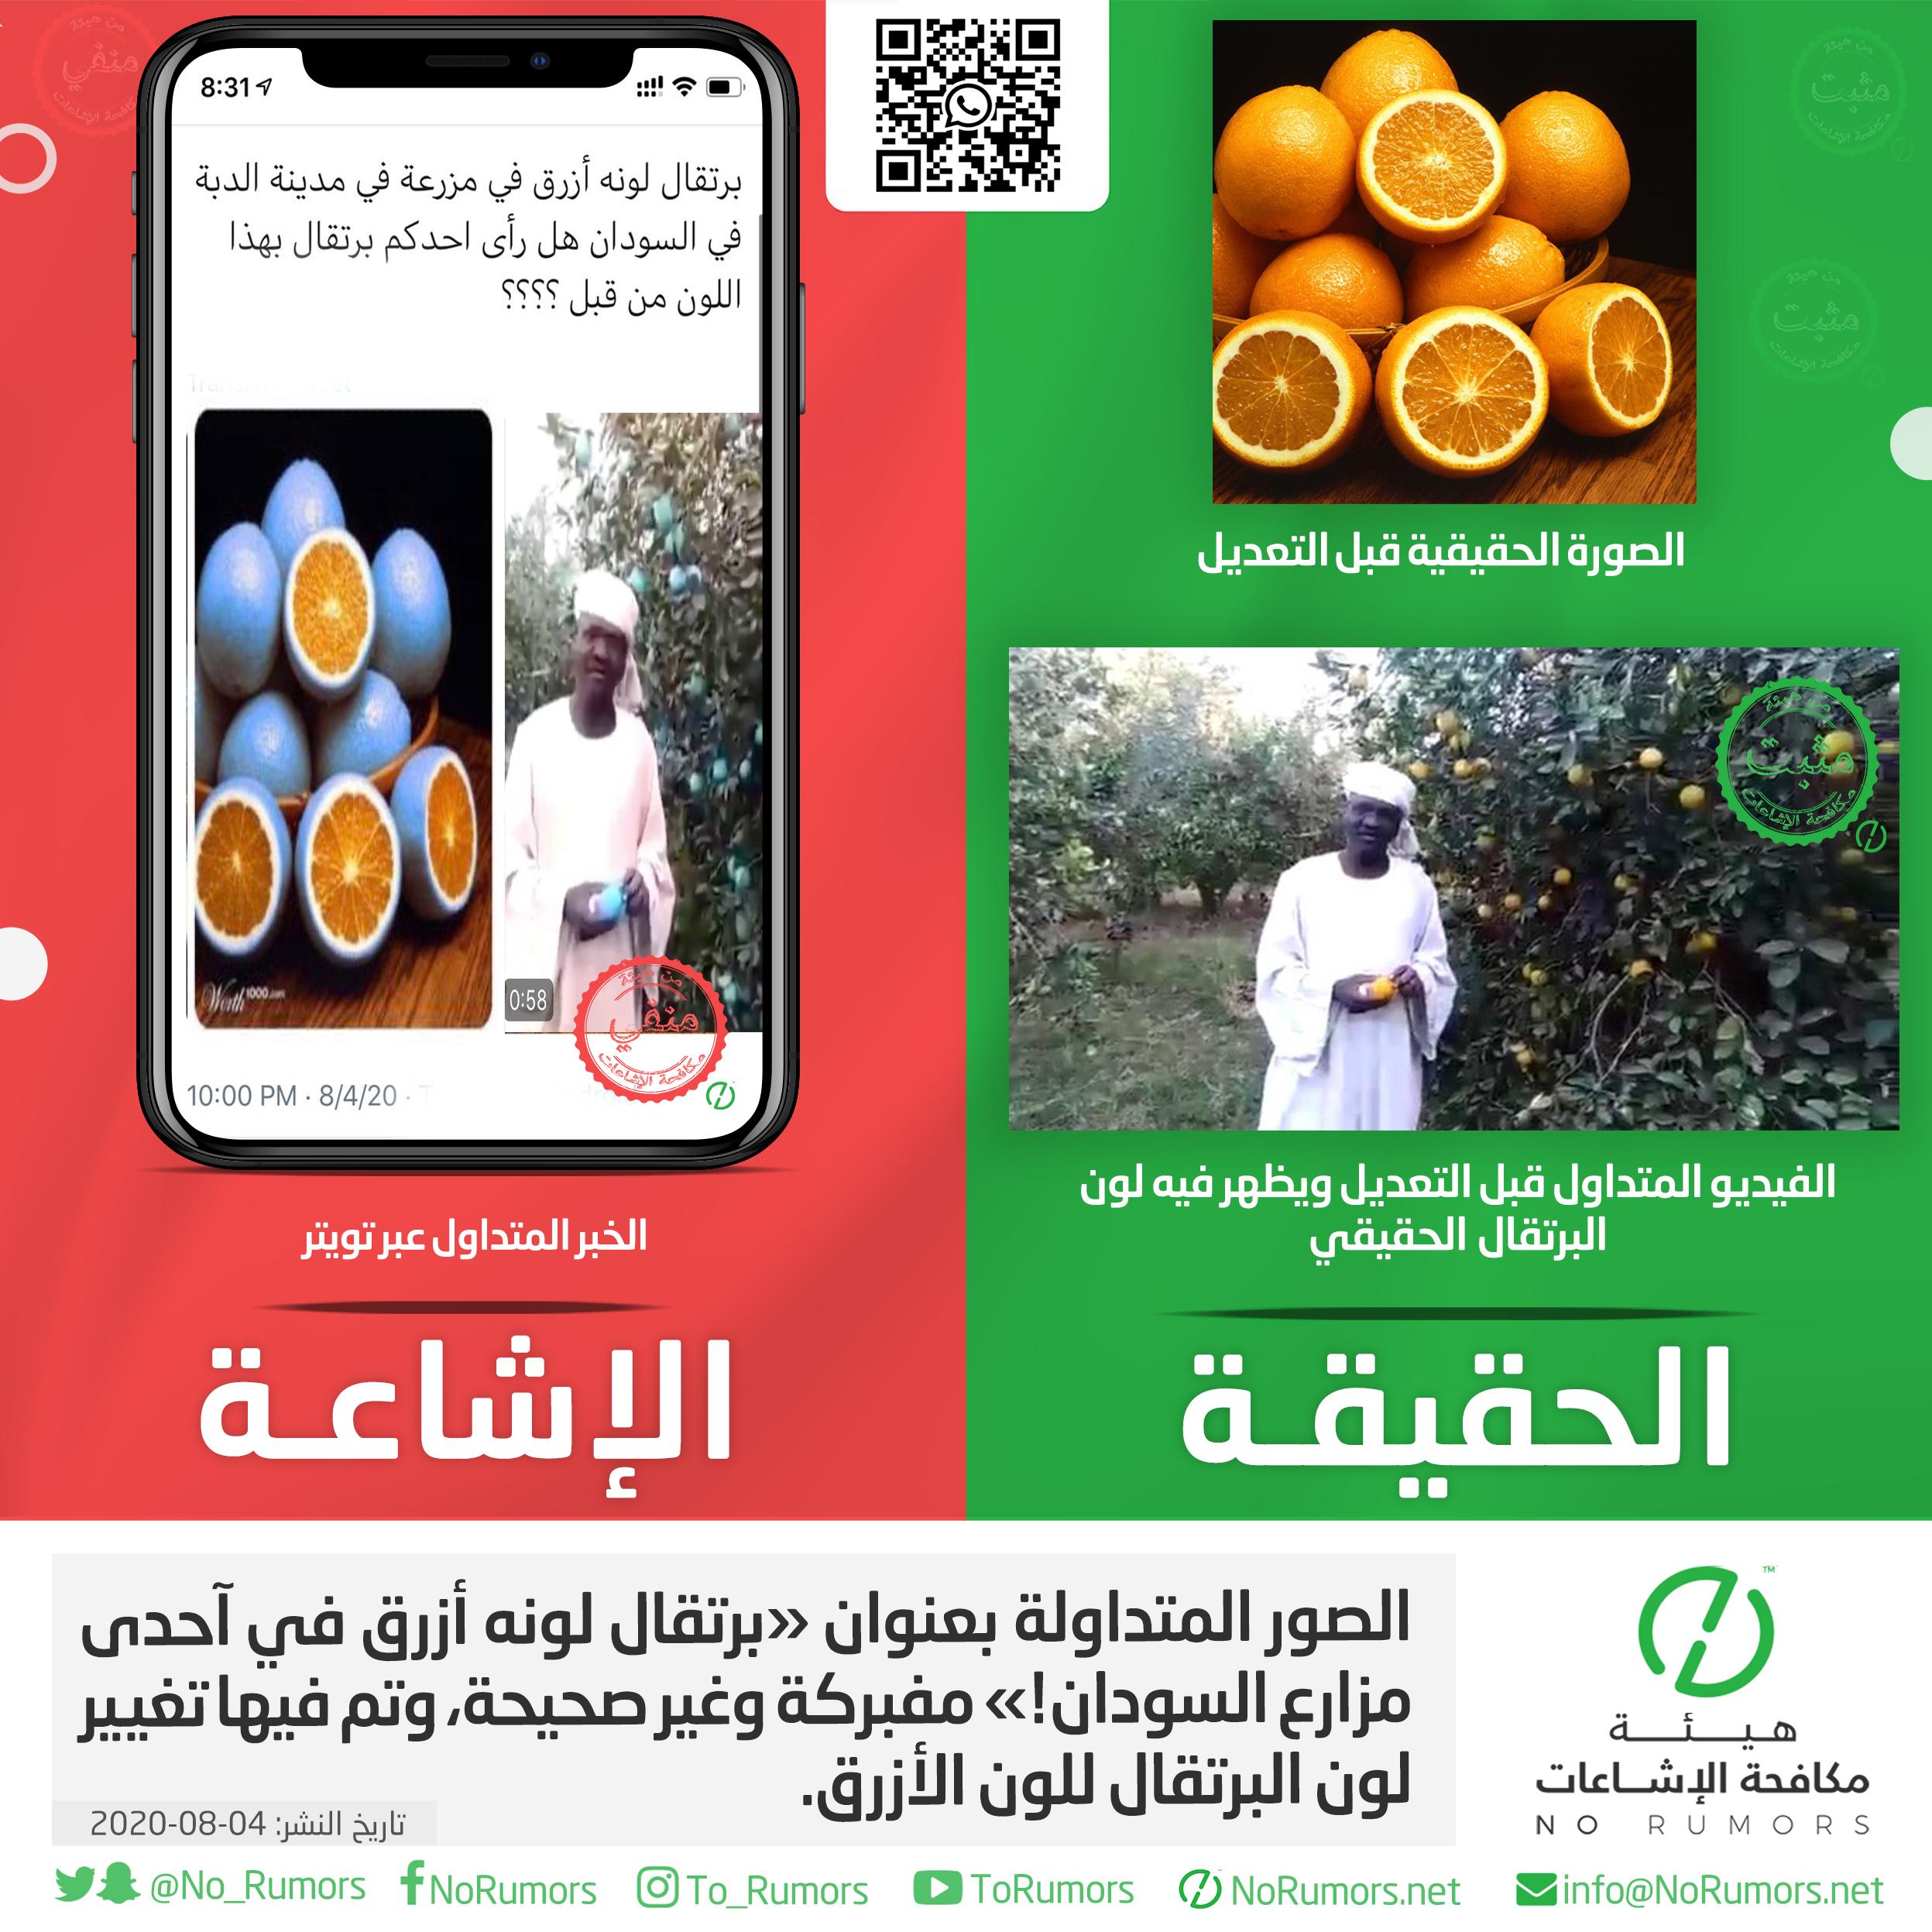 حقيقة الصور المتداولة بعنوان «برتقال لونه أزرق في آحدى مزارع السودان!»